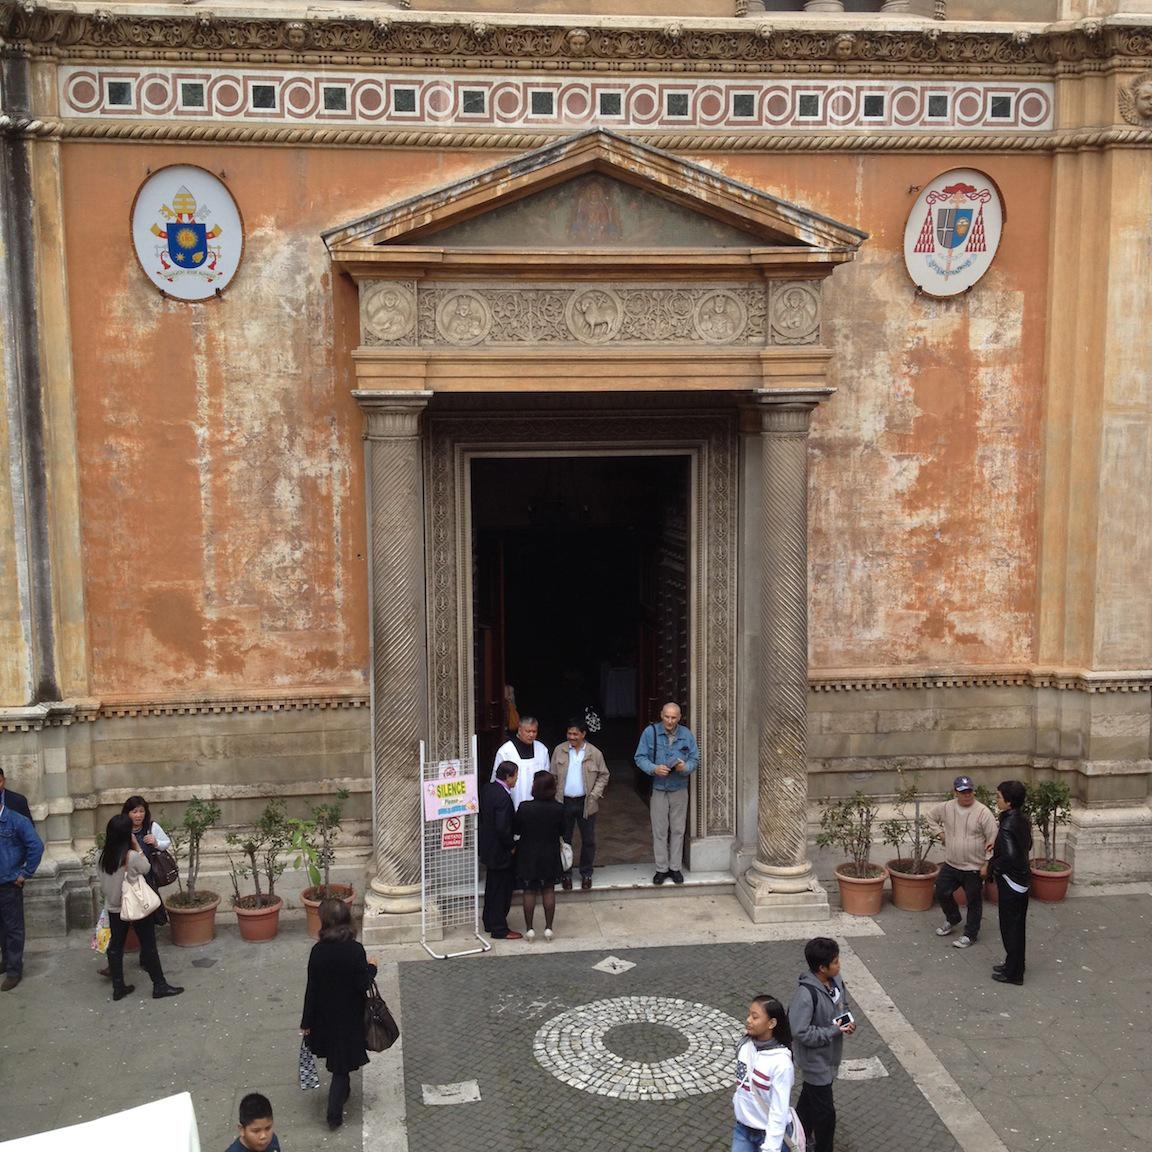 FrontfacadeofSantaPudenziana,Rome (PhotobyJohnSilva)